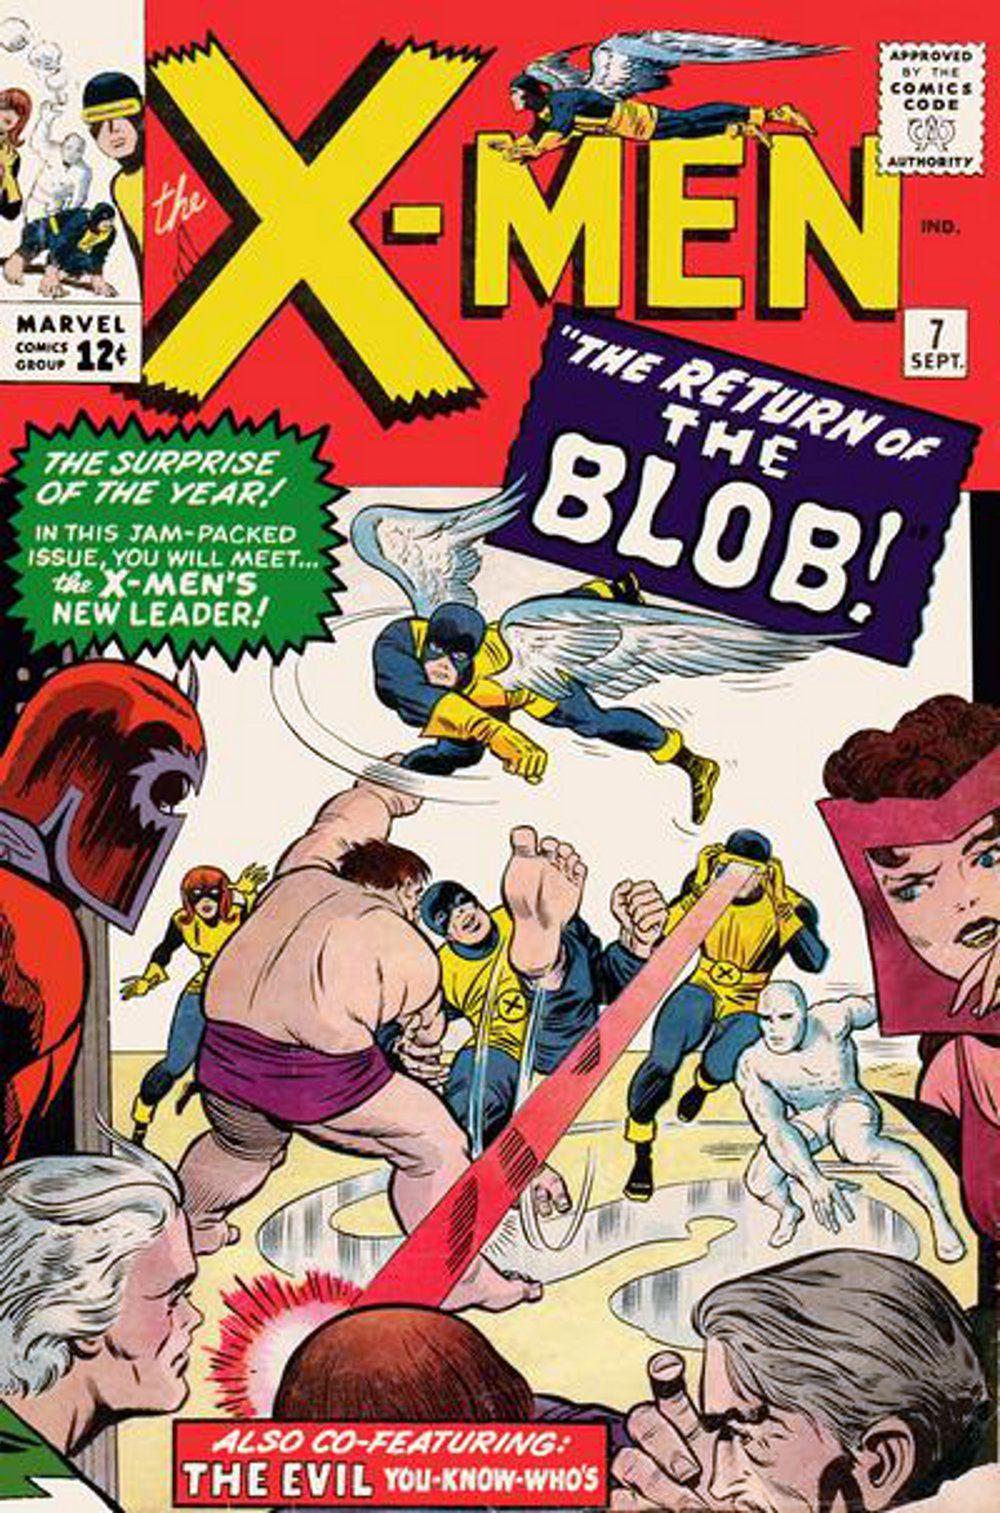 X Men Vol 1 7 Silver Age Comics Marvel Comics Covers Classic Comic Books